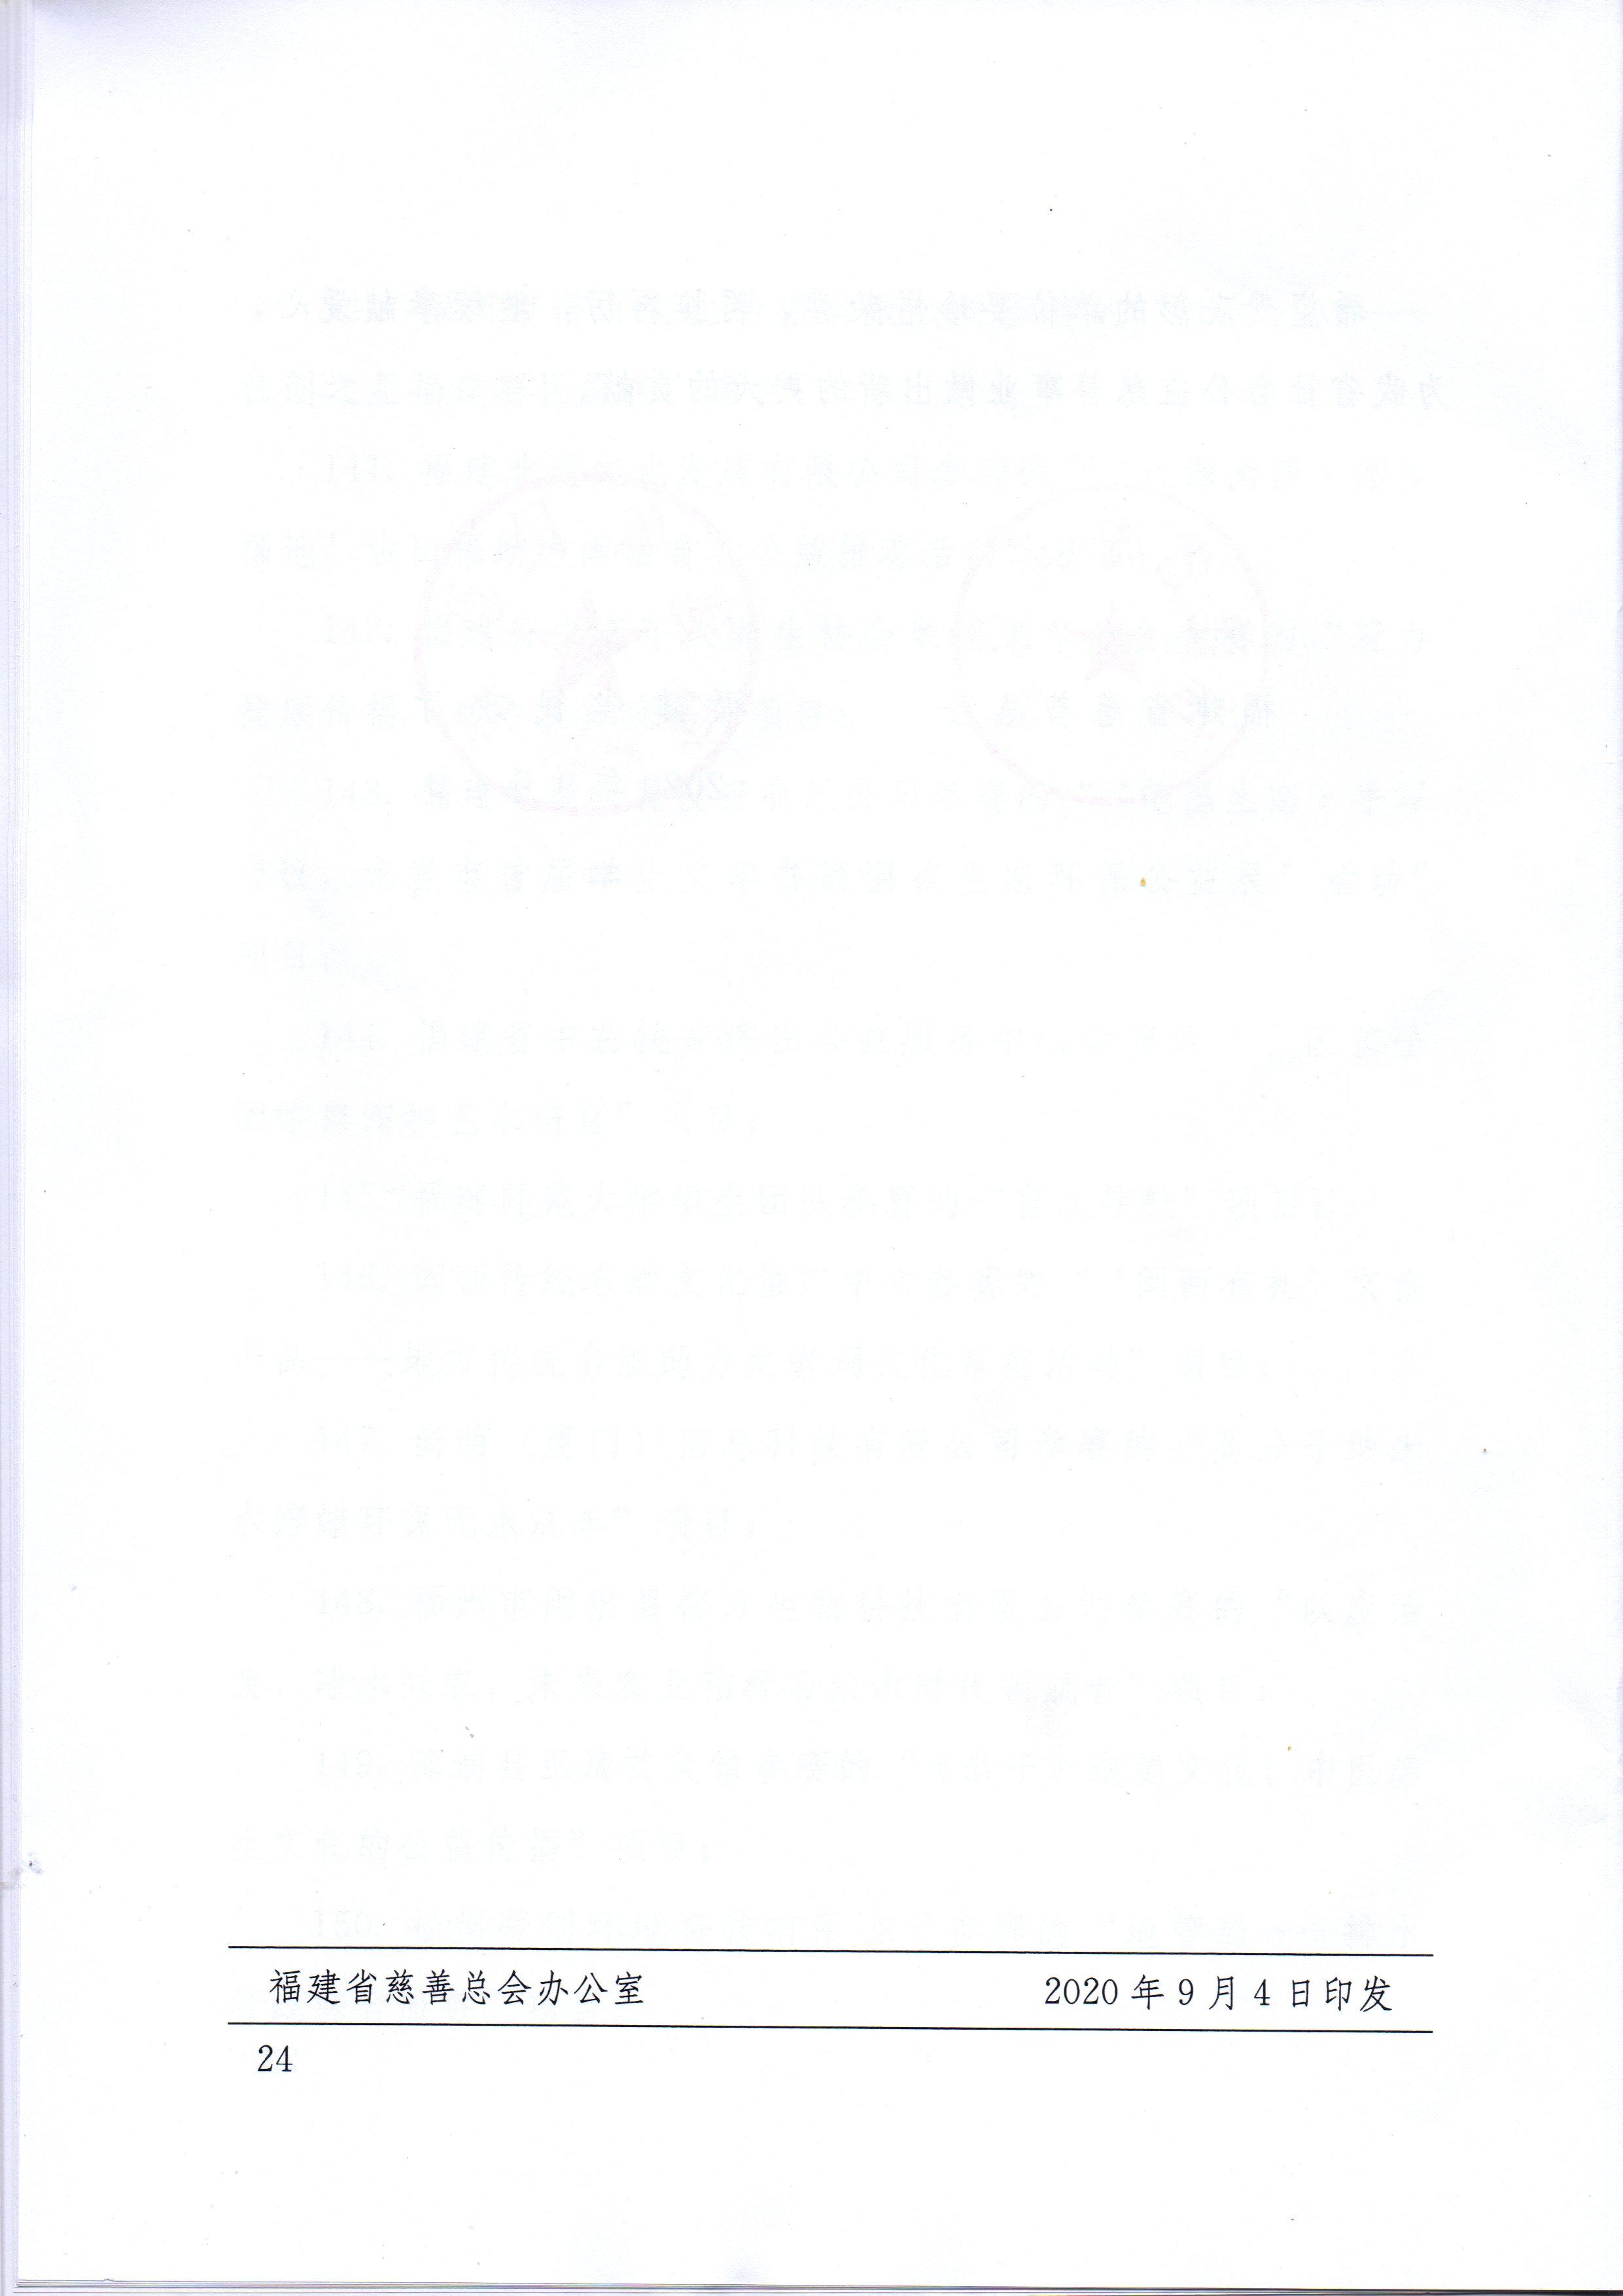 http://cszh-10069309.file.myqcloud.com/2020_09/fc20e61b1d664dae1d3bf7f7ac3442b6.jpg